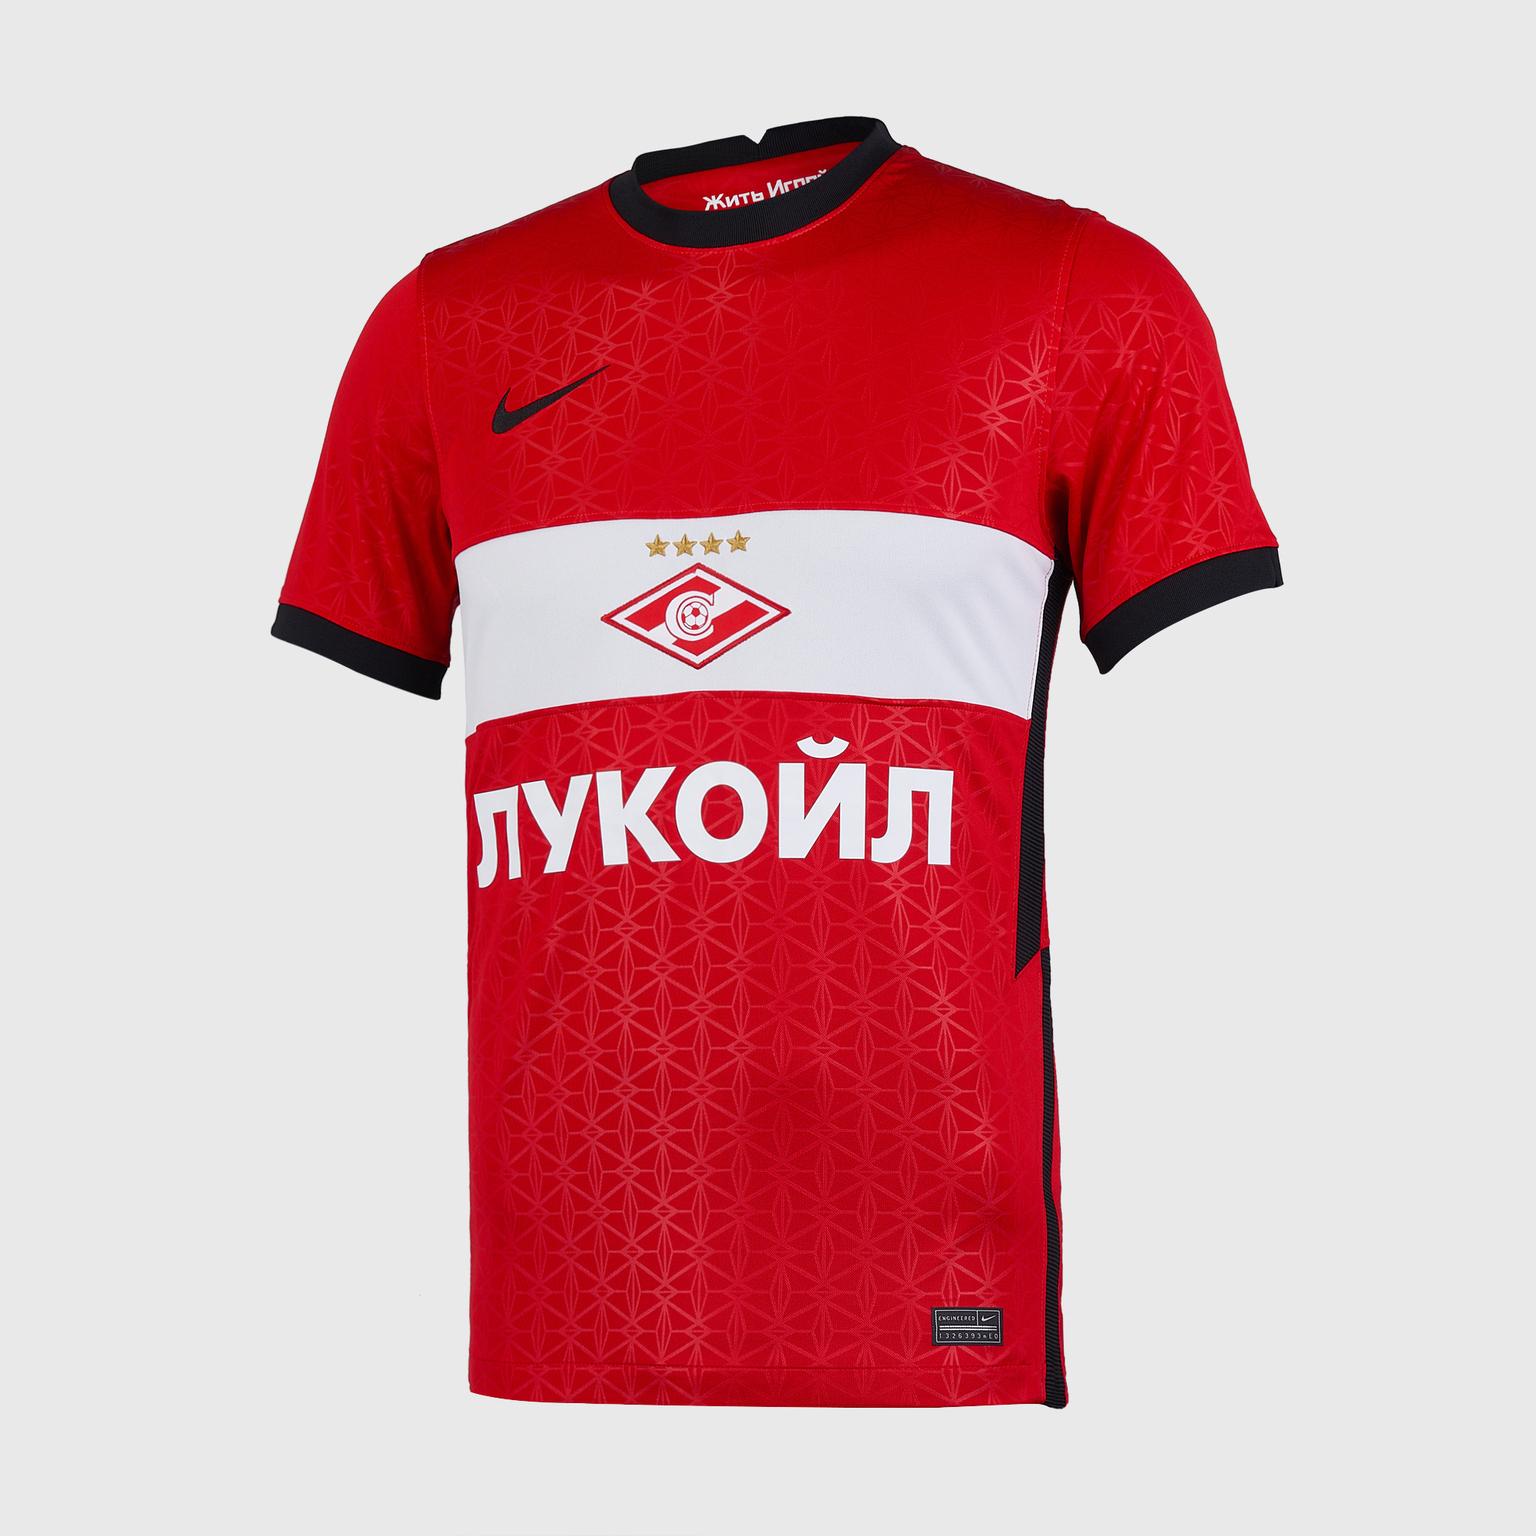 Футболка игровая домашняя Nike Spartak сезон 2020/21